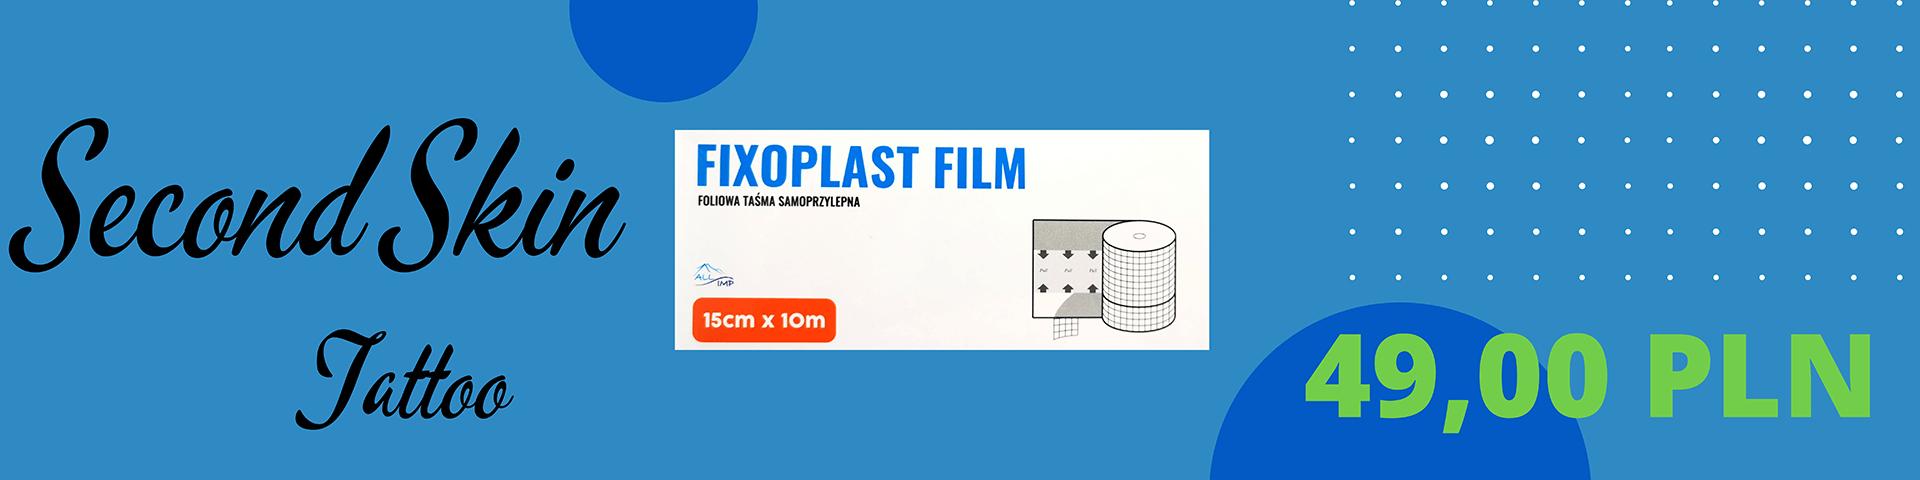 Second Skin Tattoo Fixoplast film 49PLN